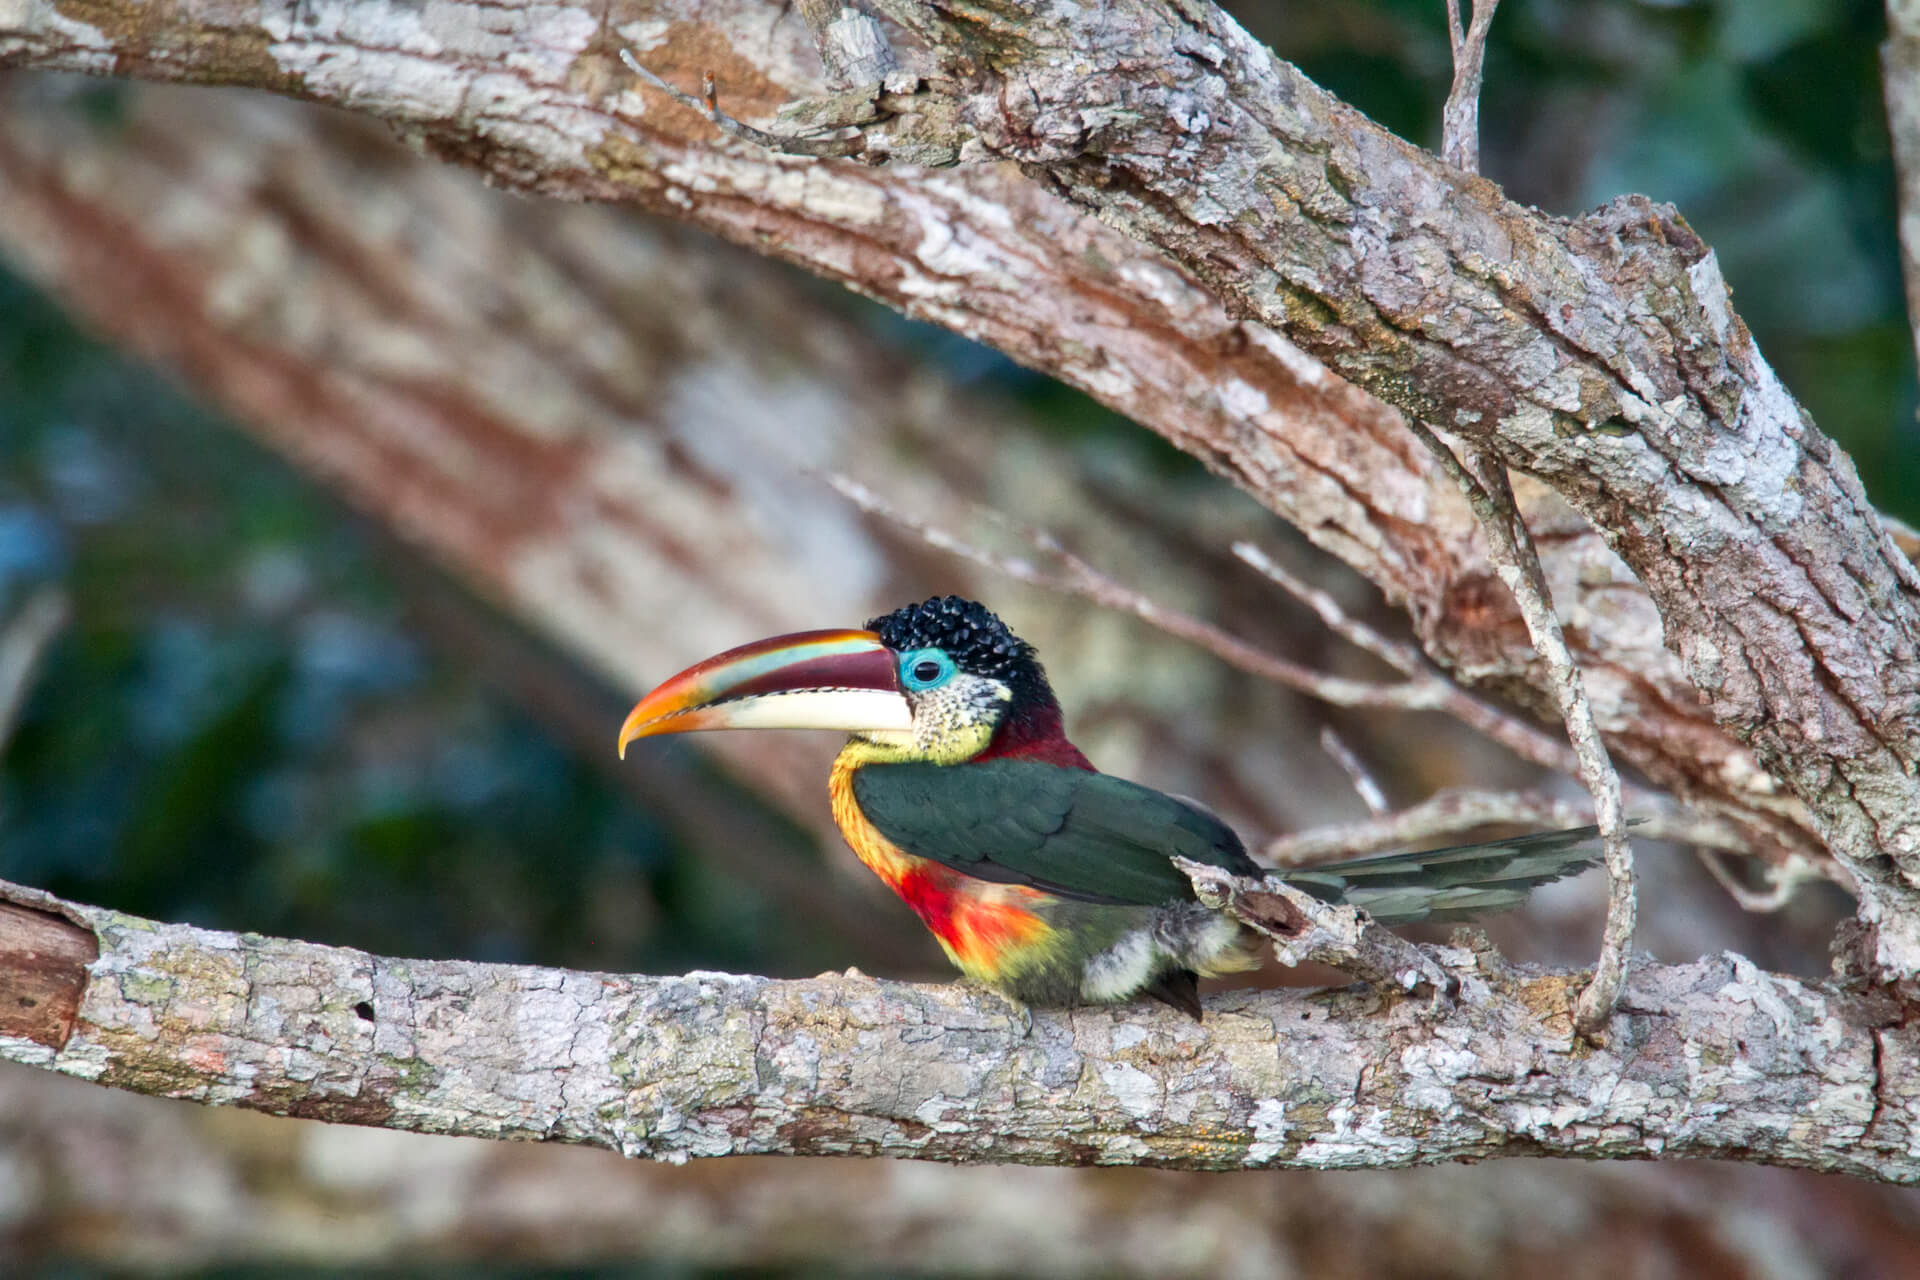 Curl Crested Aracari Bird in Peruvian Rainforest